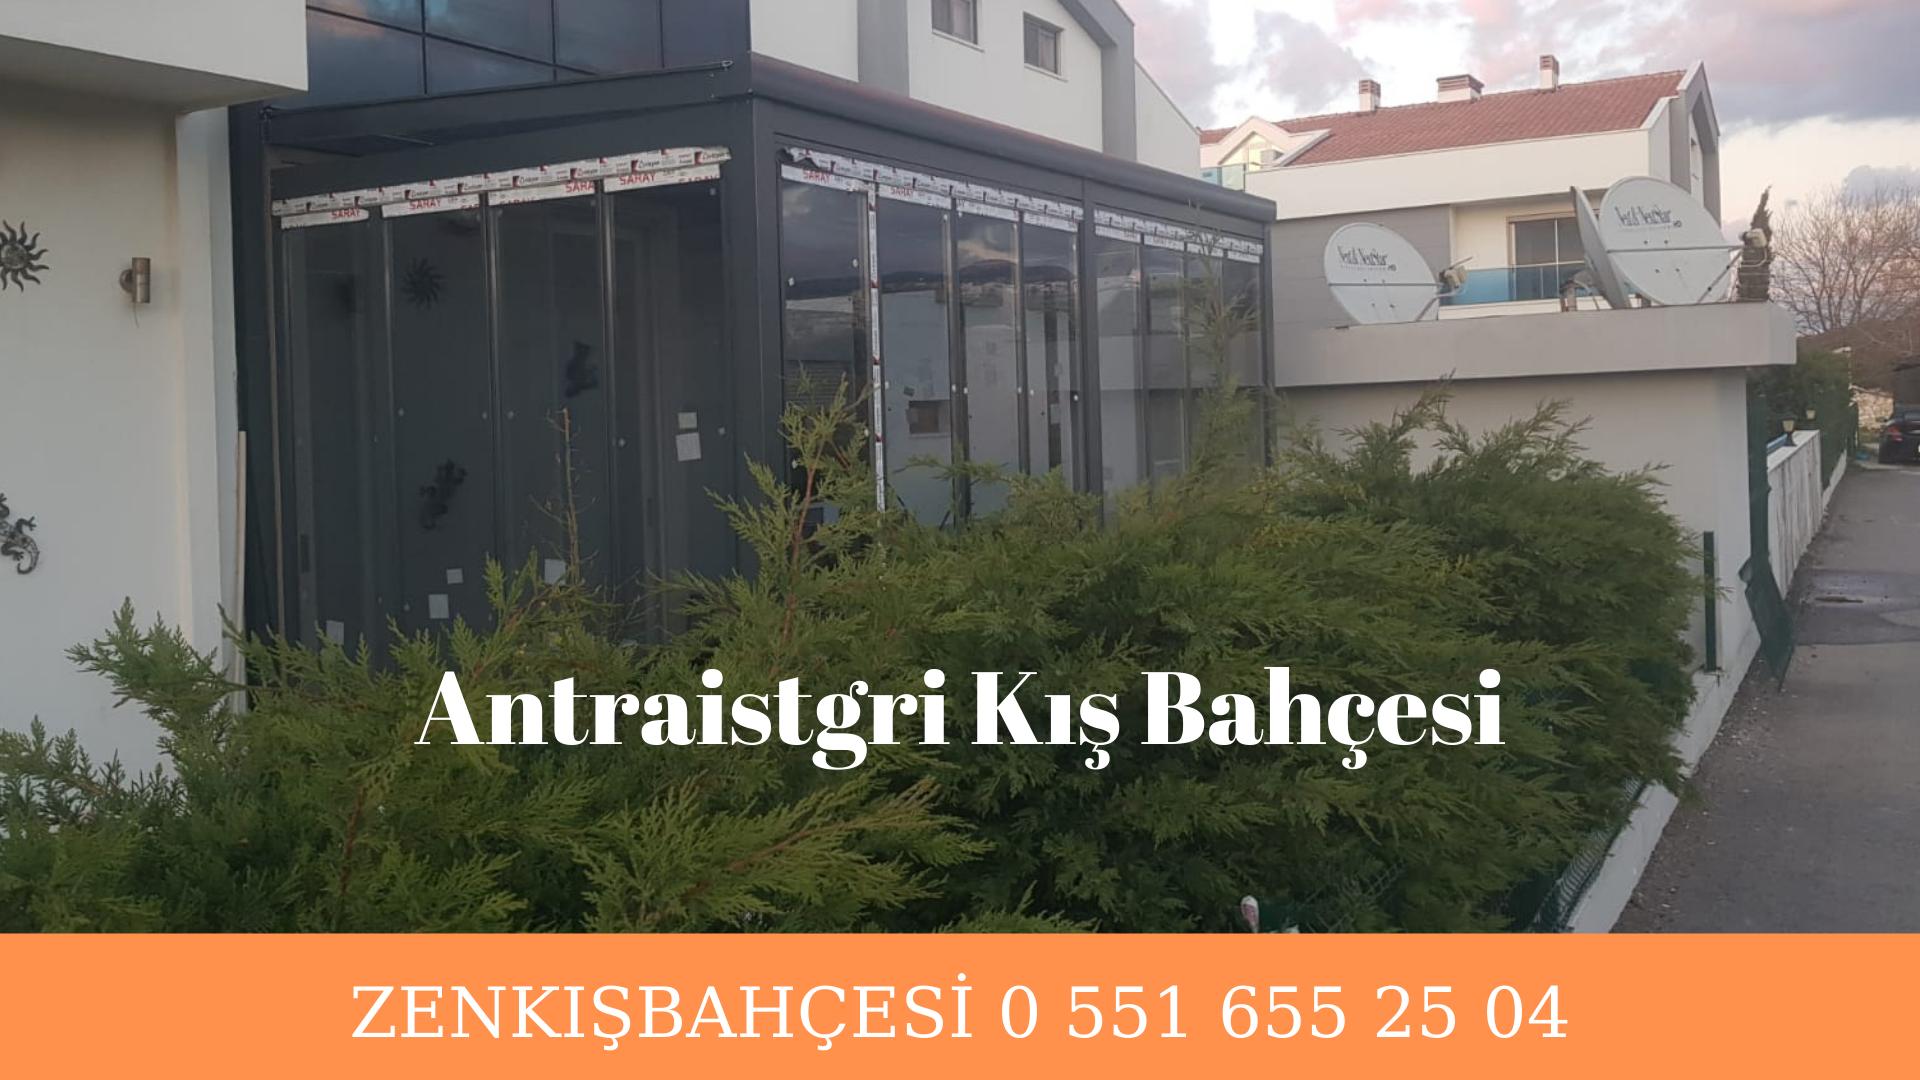 Antrasitgri kış bahçesi İzmir